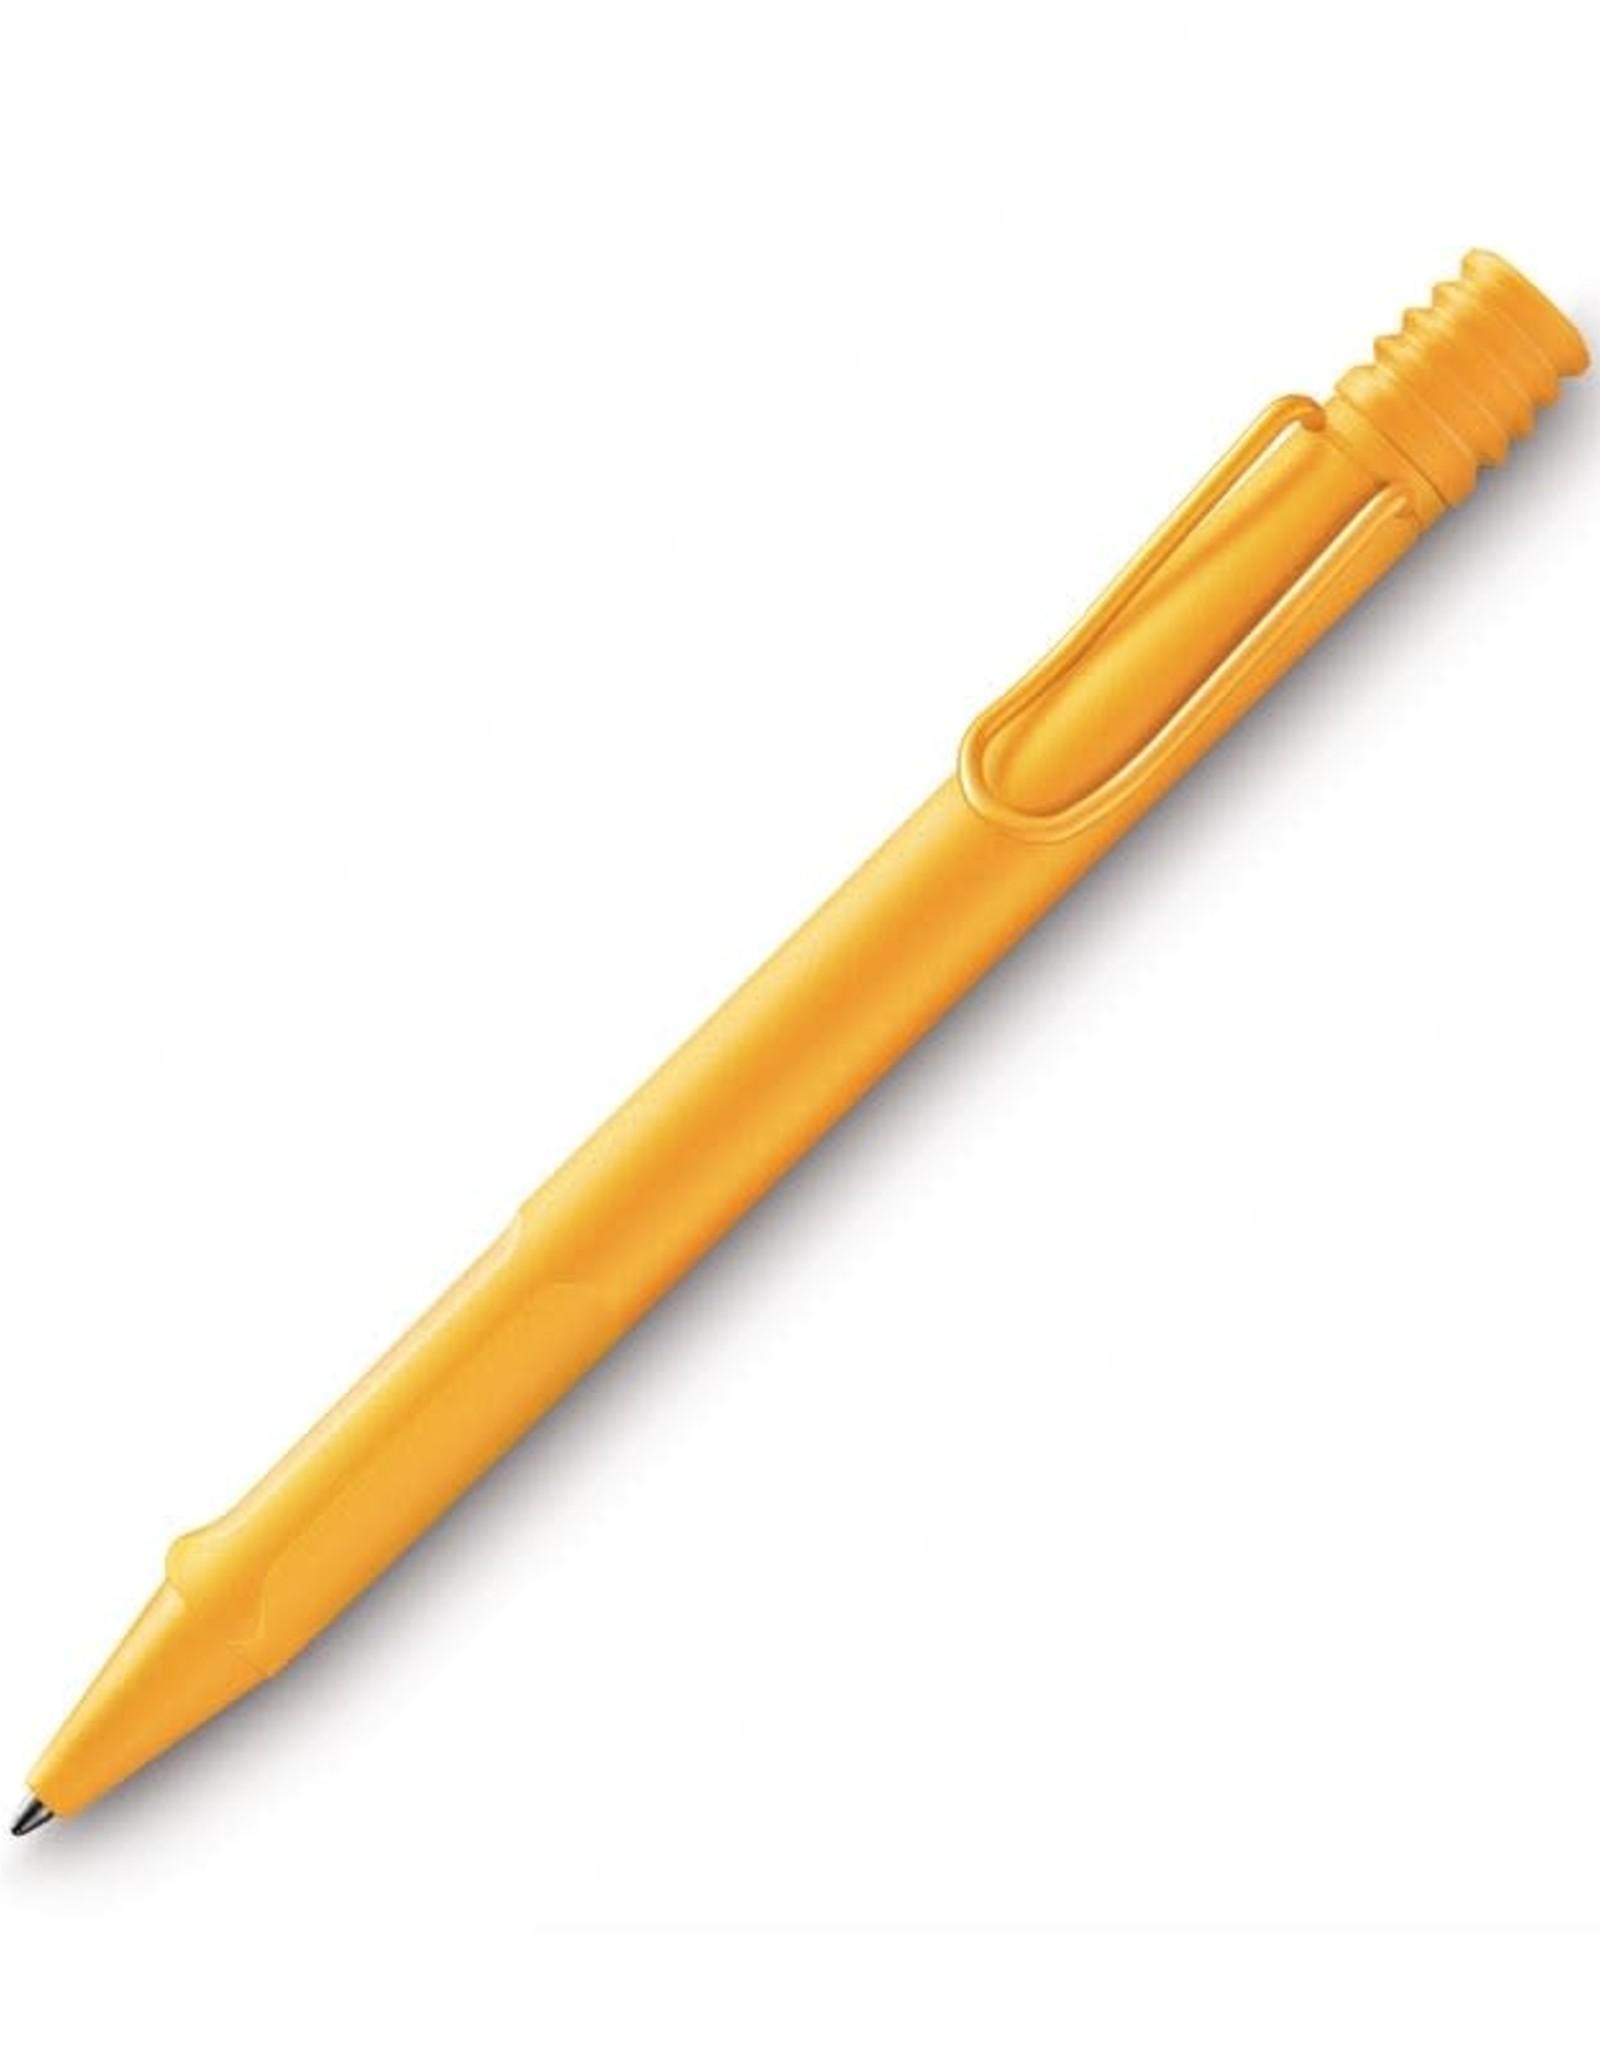 Lamy Lamy Safari Ballpoint Pen